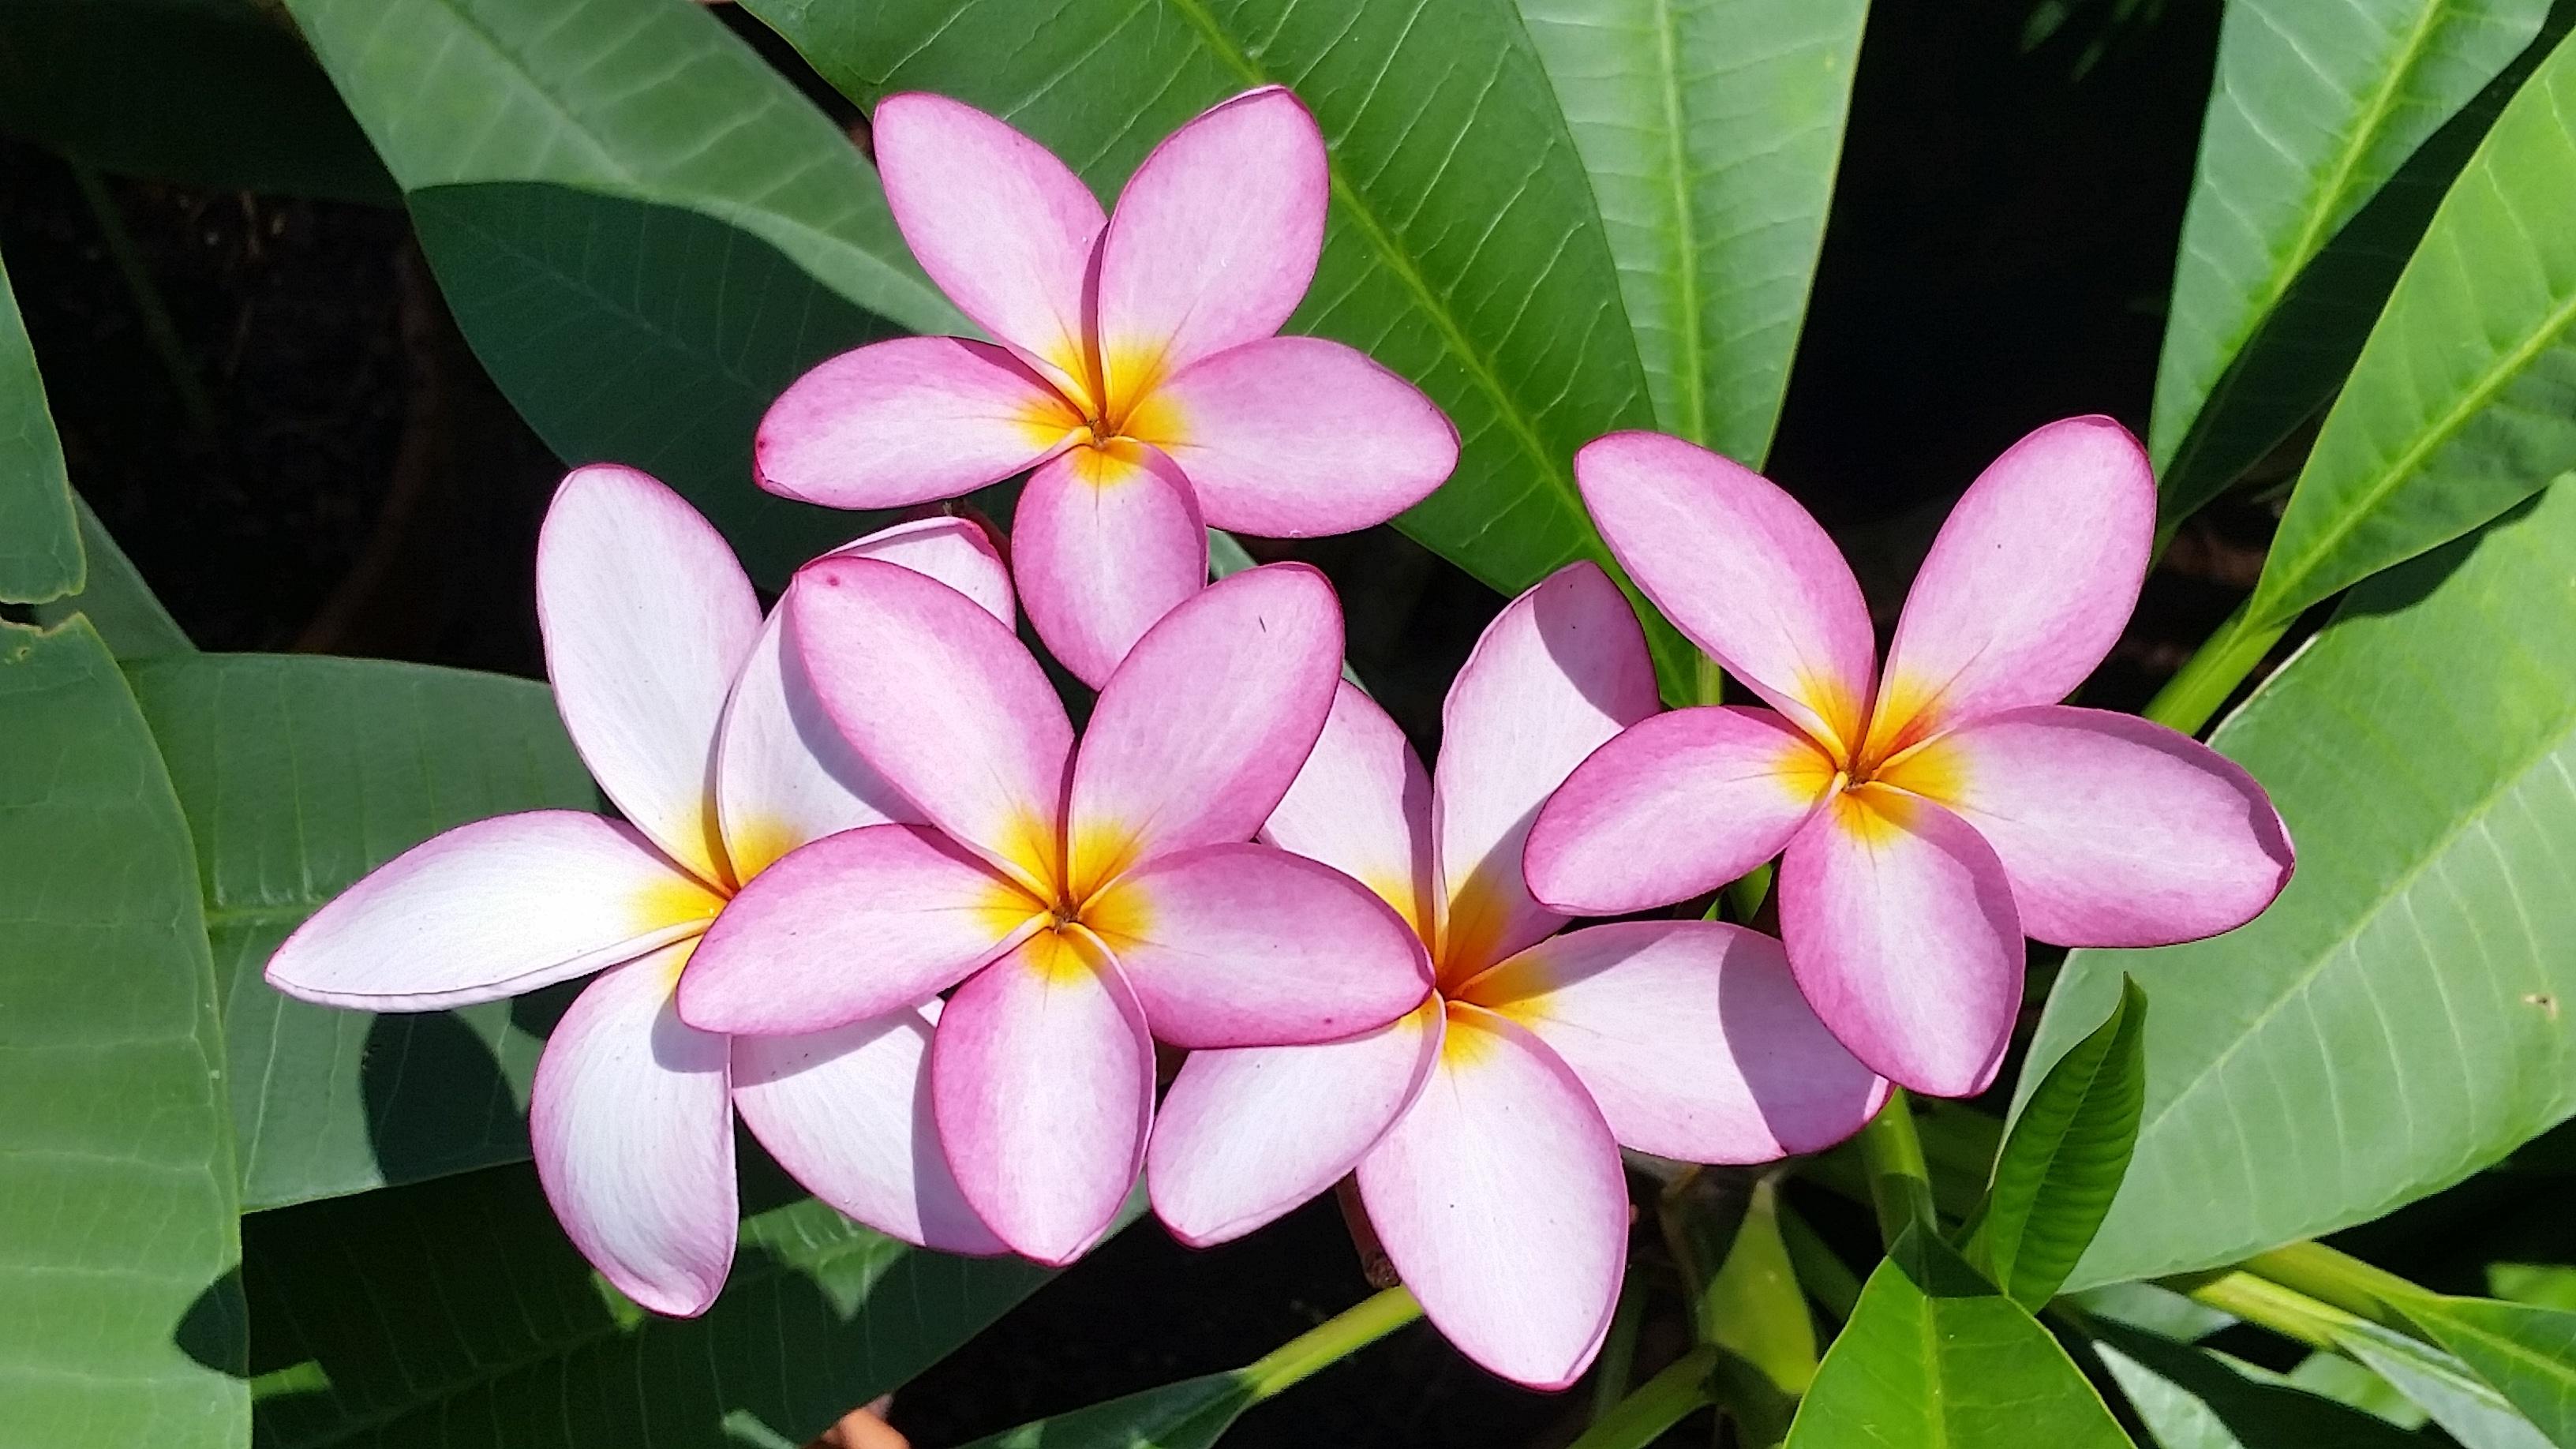 plumeria_flowers